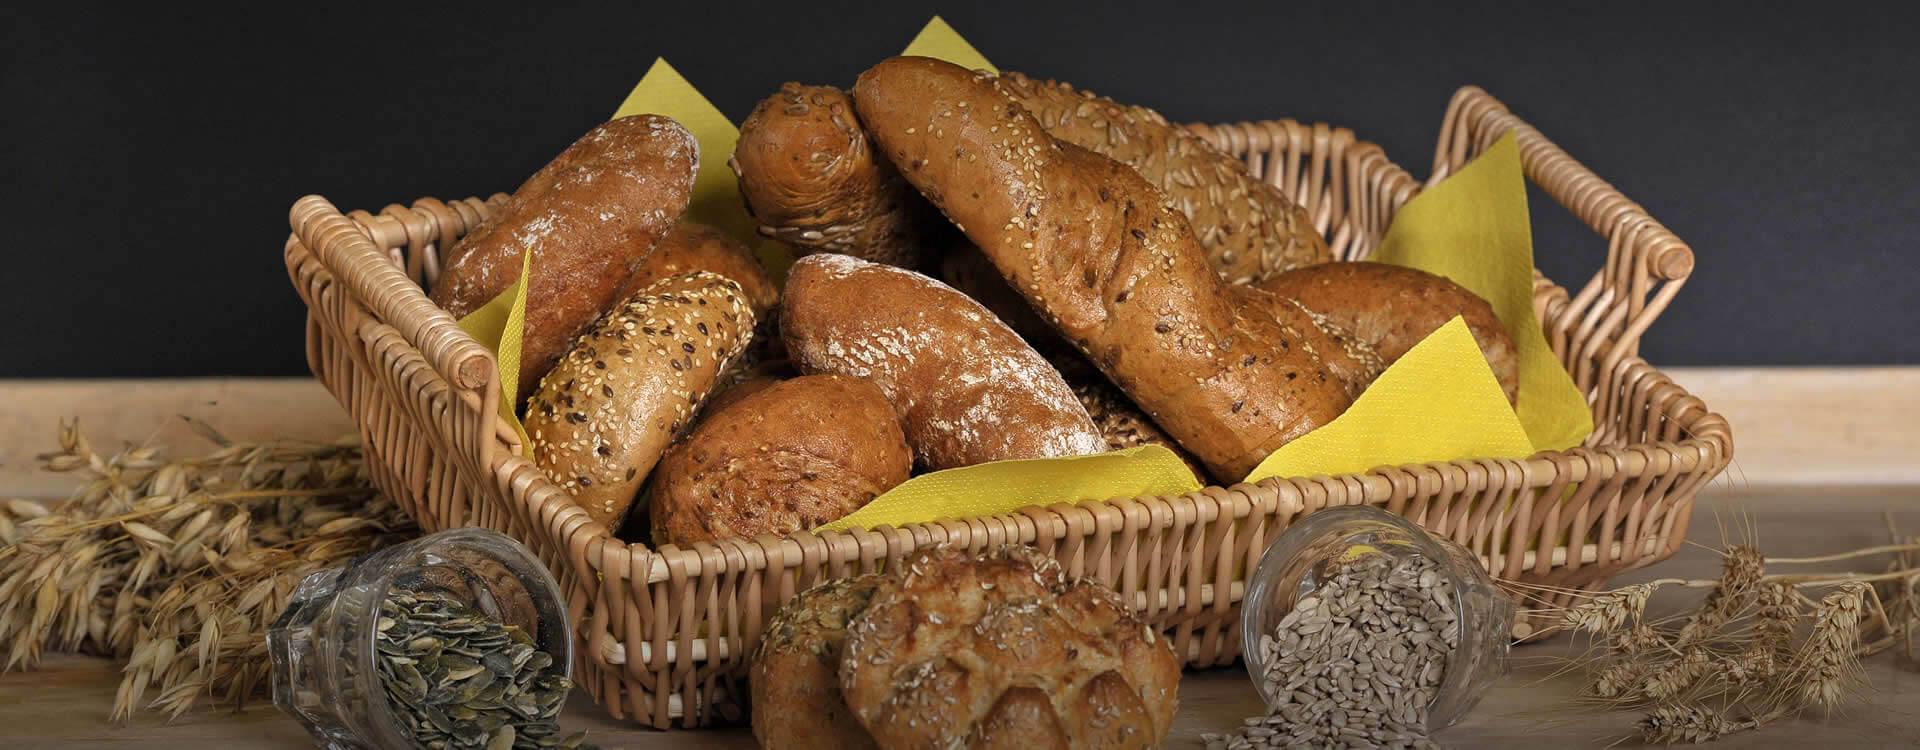 Lieferservice der Bäckerei Kirchgasser, Radstadt